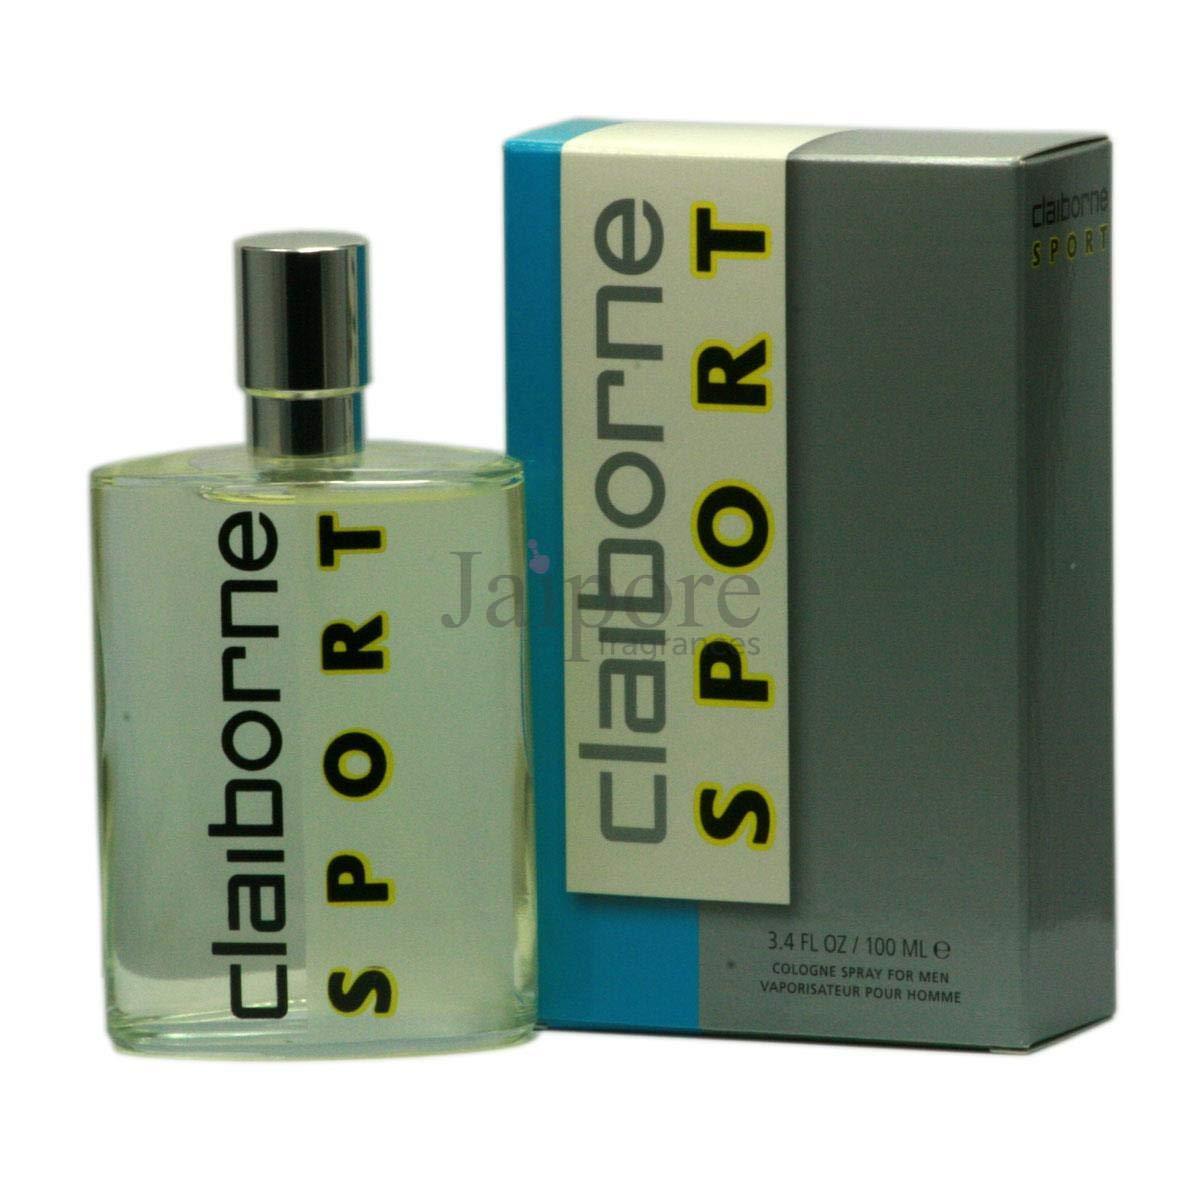 Claiborne Sport by Liz Claiborne for Men - 3.4 oz EDC Spray, Cologne Spray by Liz Claiborne